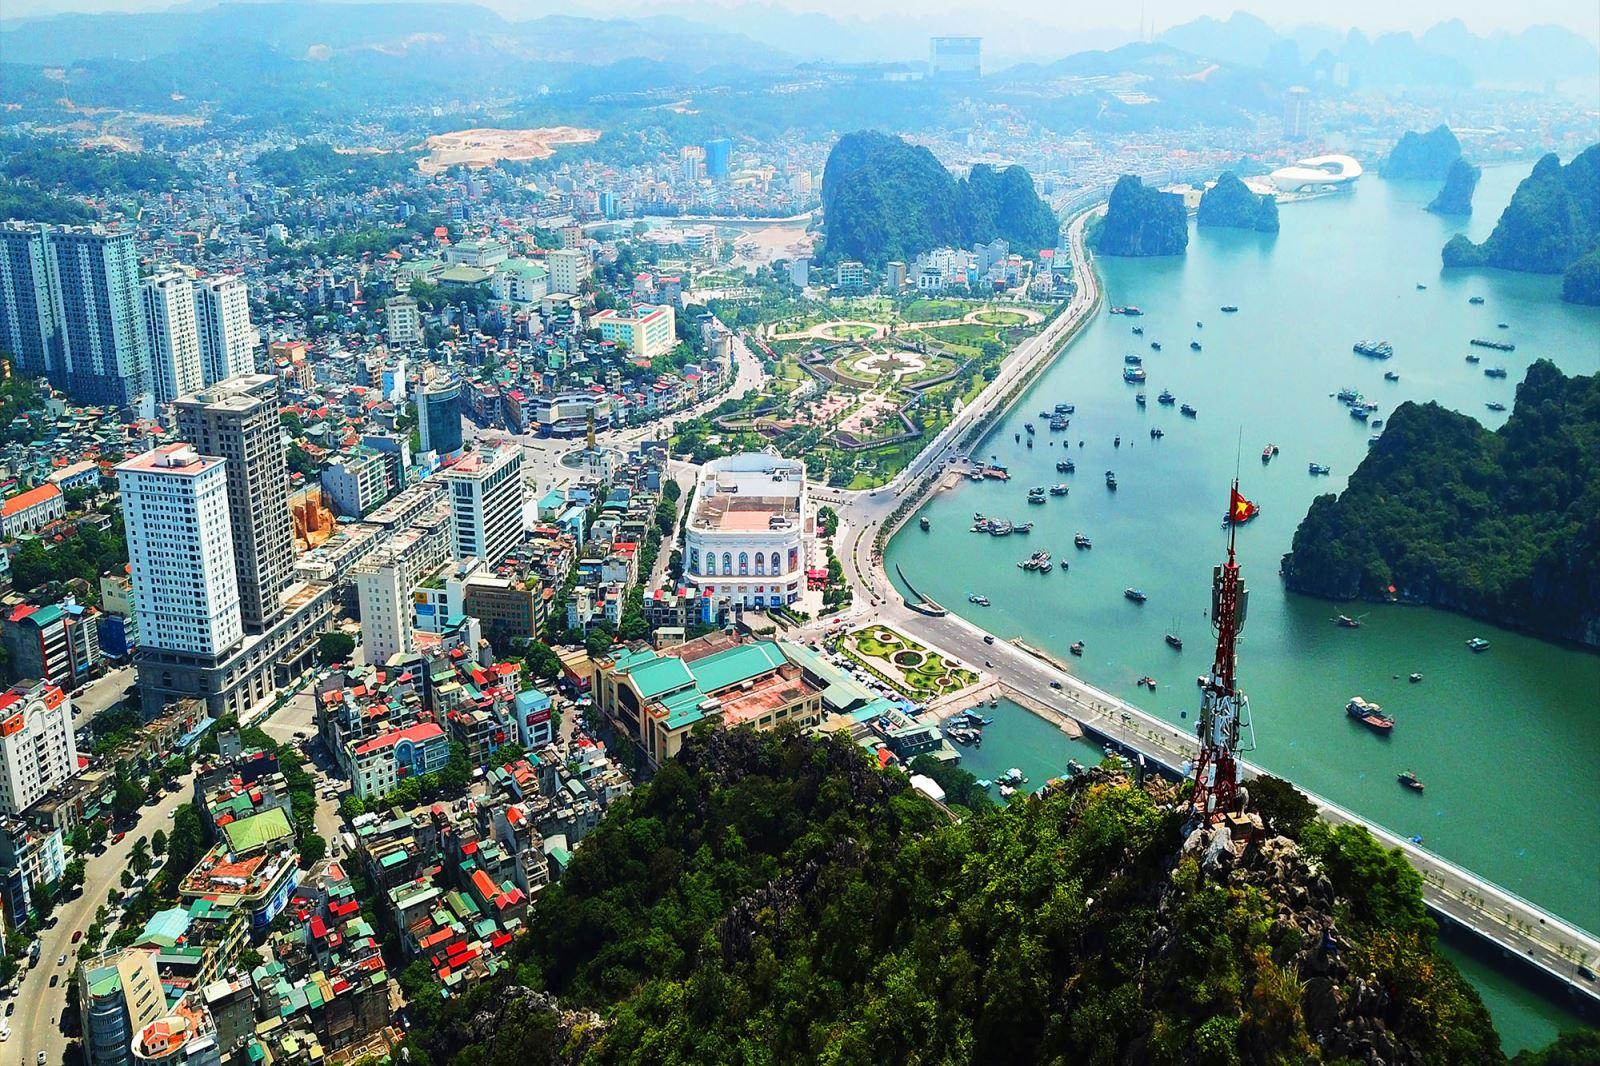 BĐS tuần qua: Chuẩn bị khởi công dự án tỷ USD của Vingroup, 4 nhà đầu tư đề xuất làm đường vành đai 4 Hà Nội